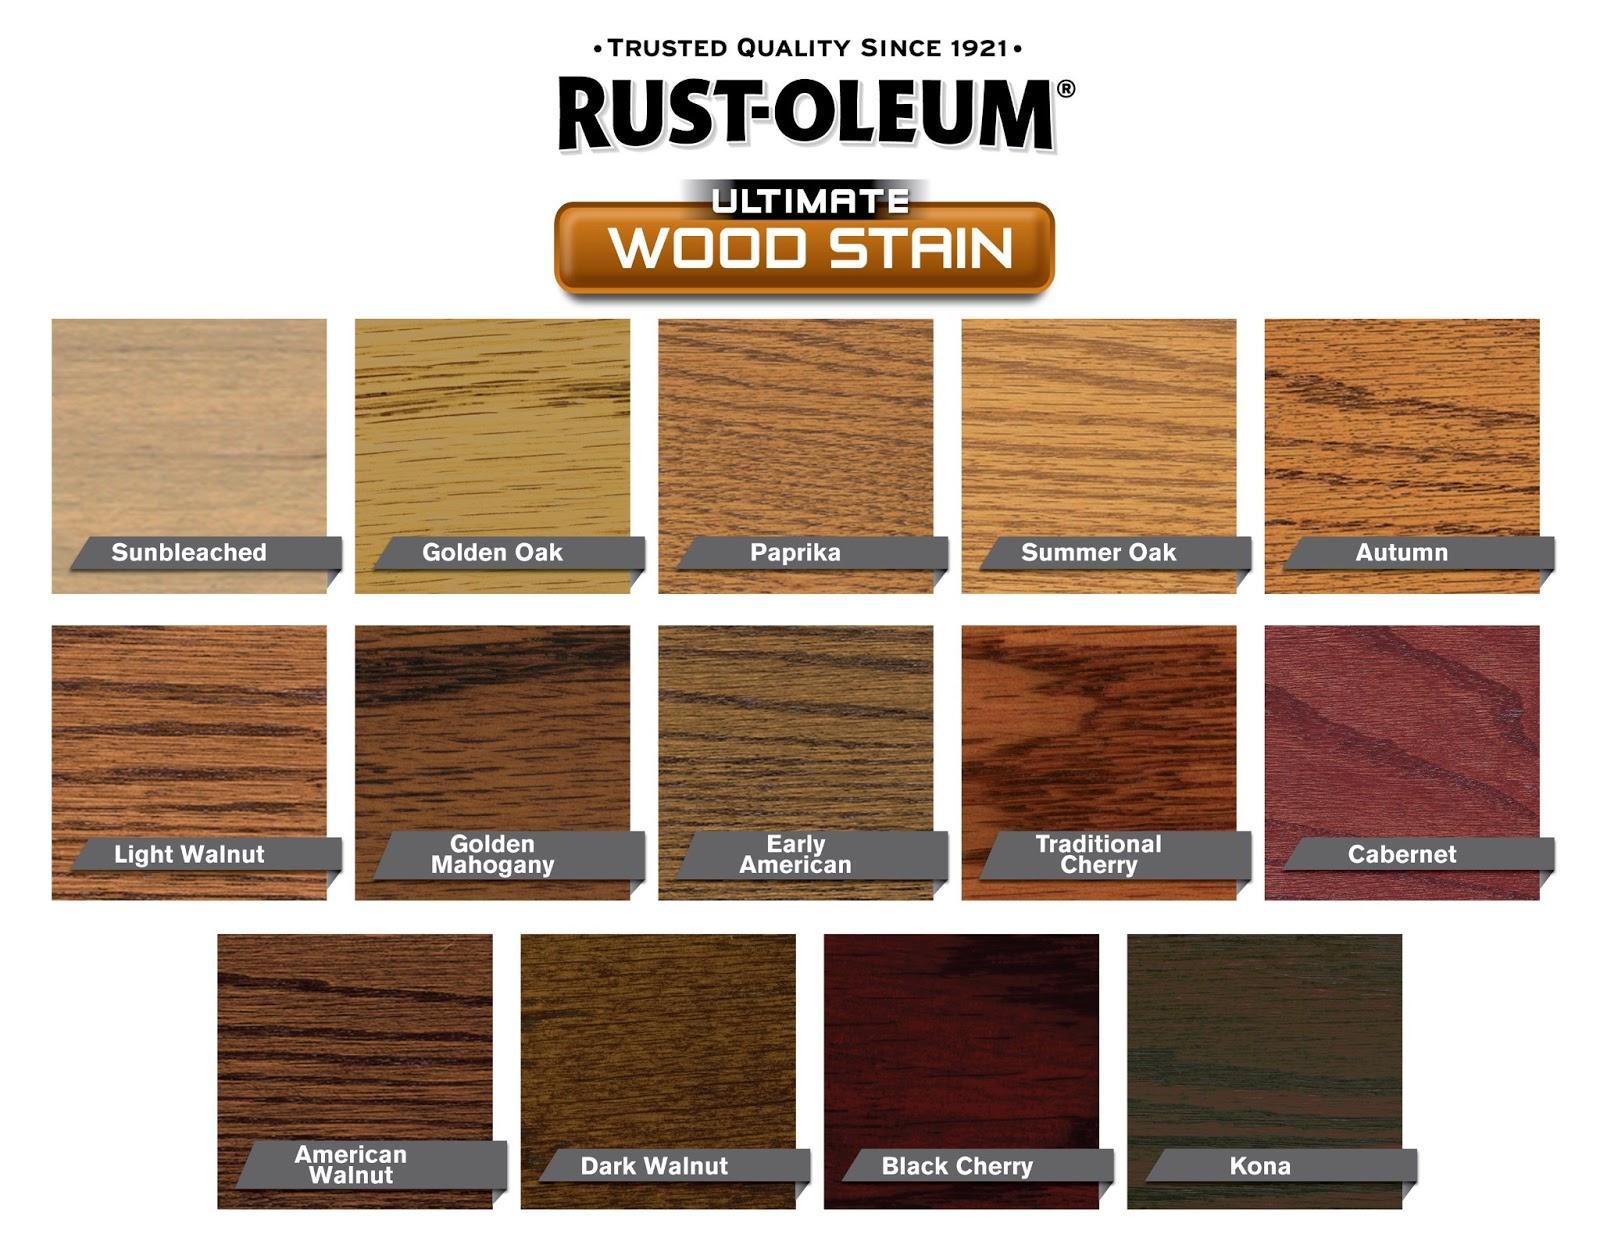 wood stains home depot. Black Bedroom Furniture Sets. Home Design Ideas